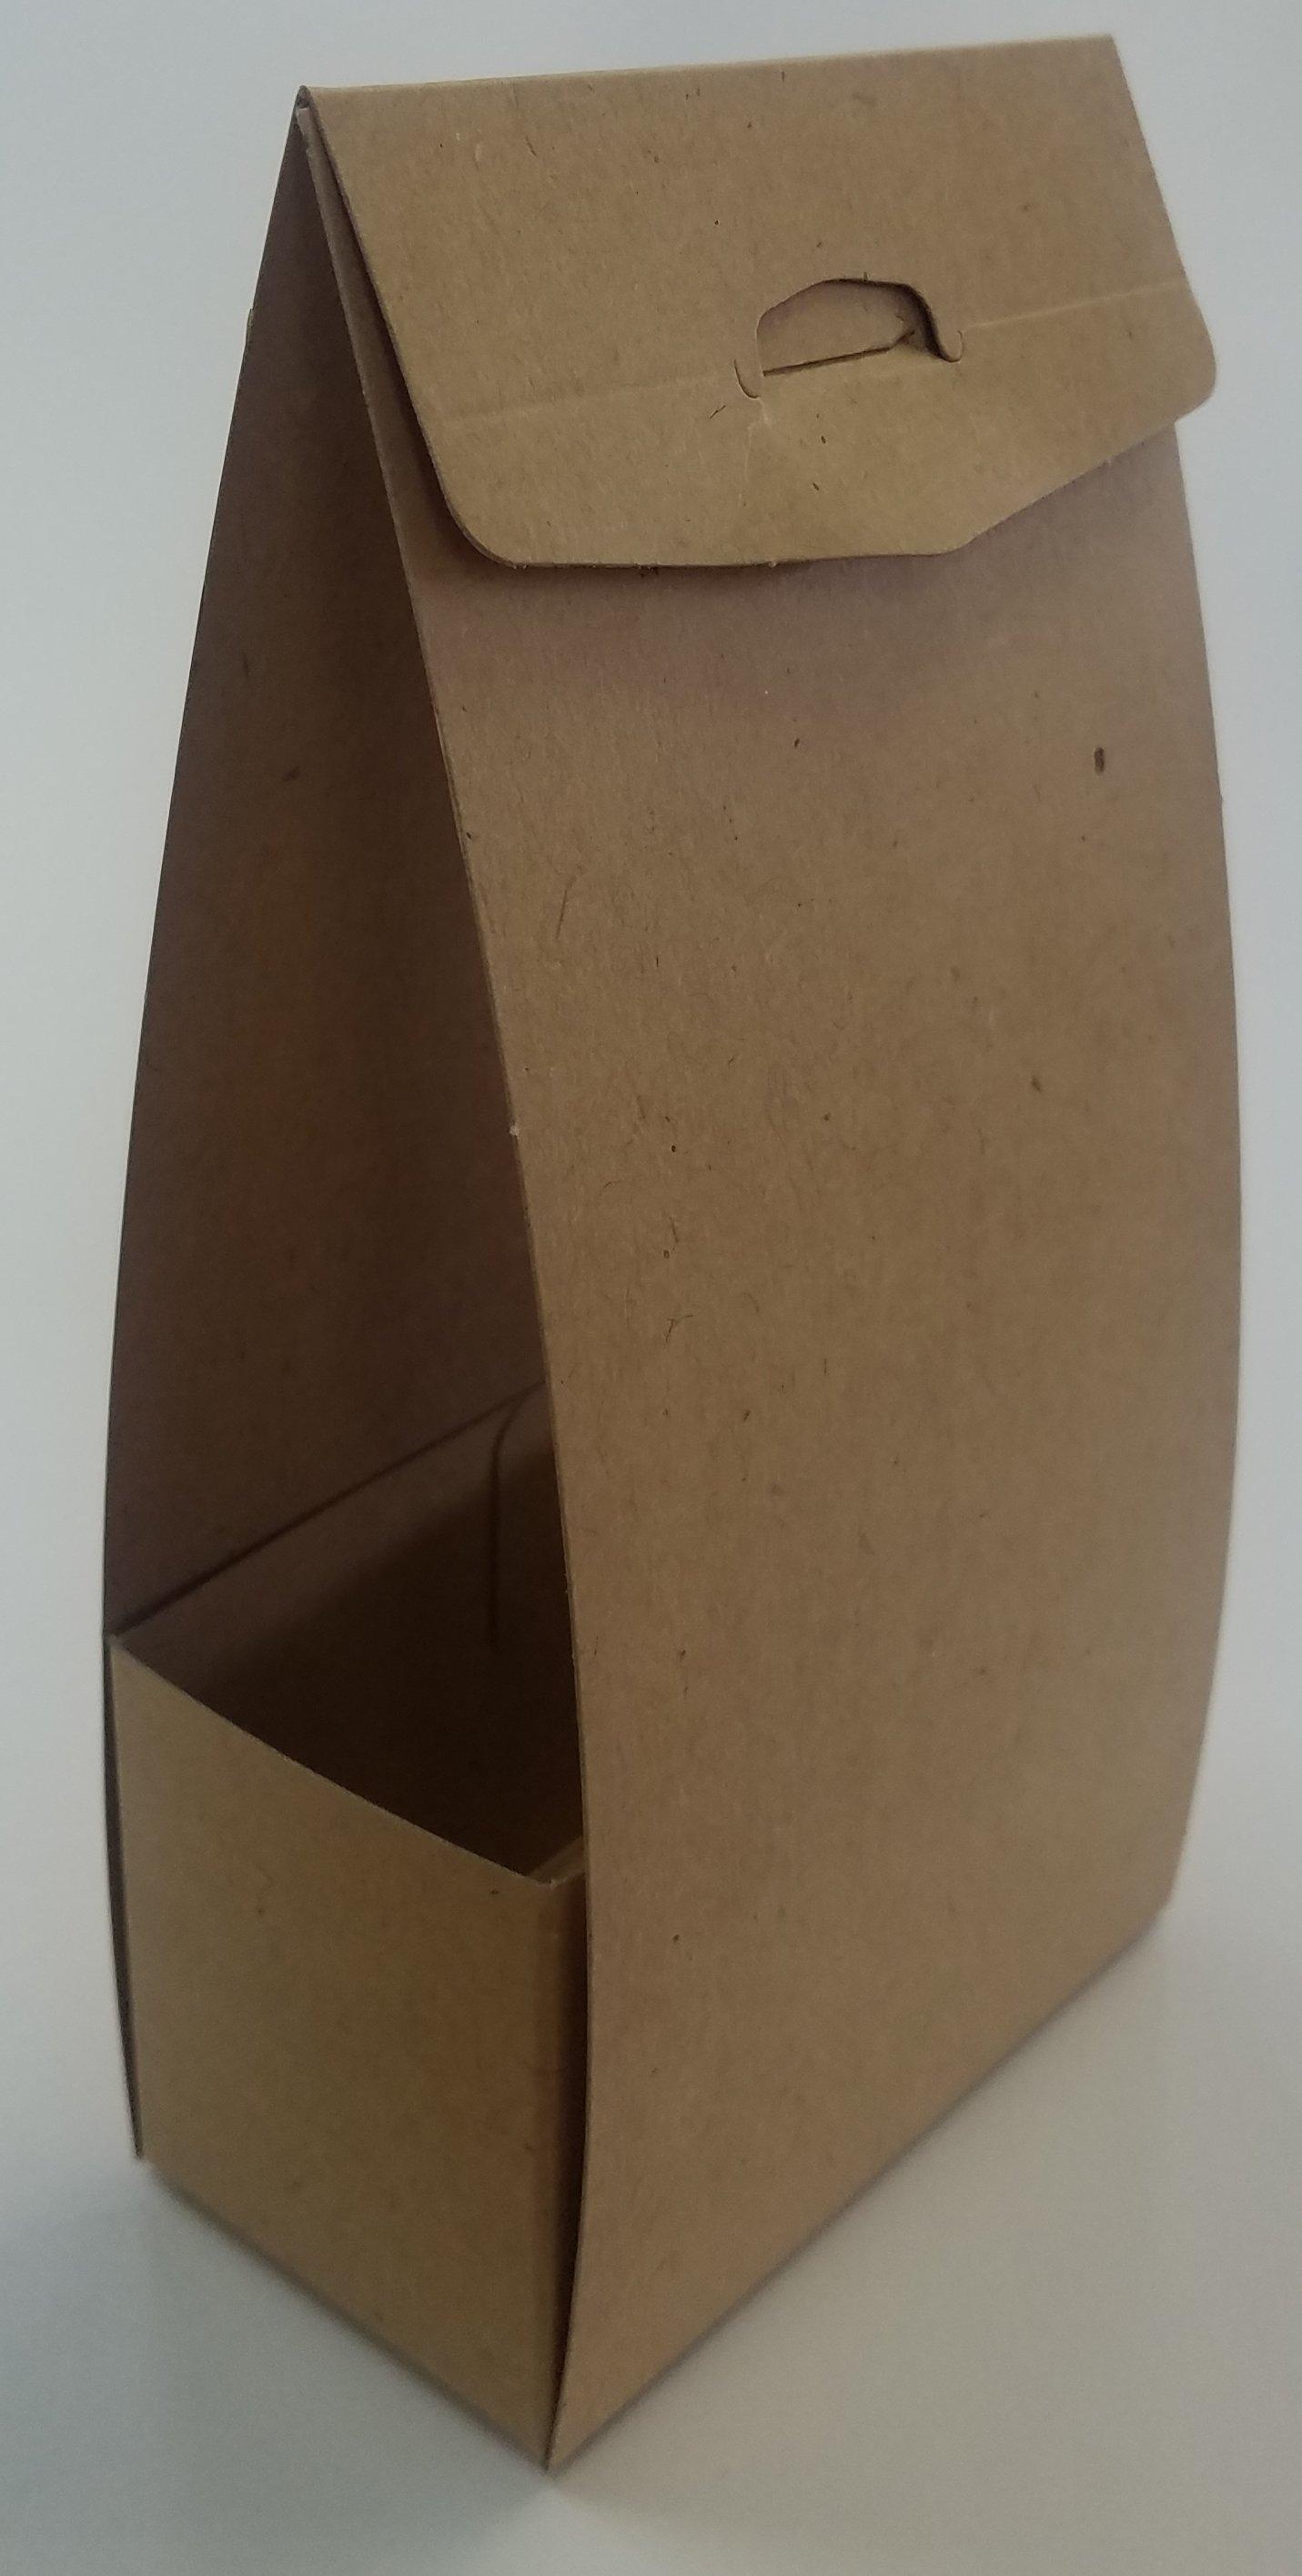 高品質 実物 組み立てパッケージ150枚セット 組み立てパッケージさらにお得な150枚セットお菓子等小物入れ用紙製茶色@50